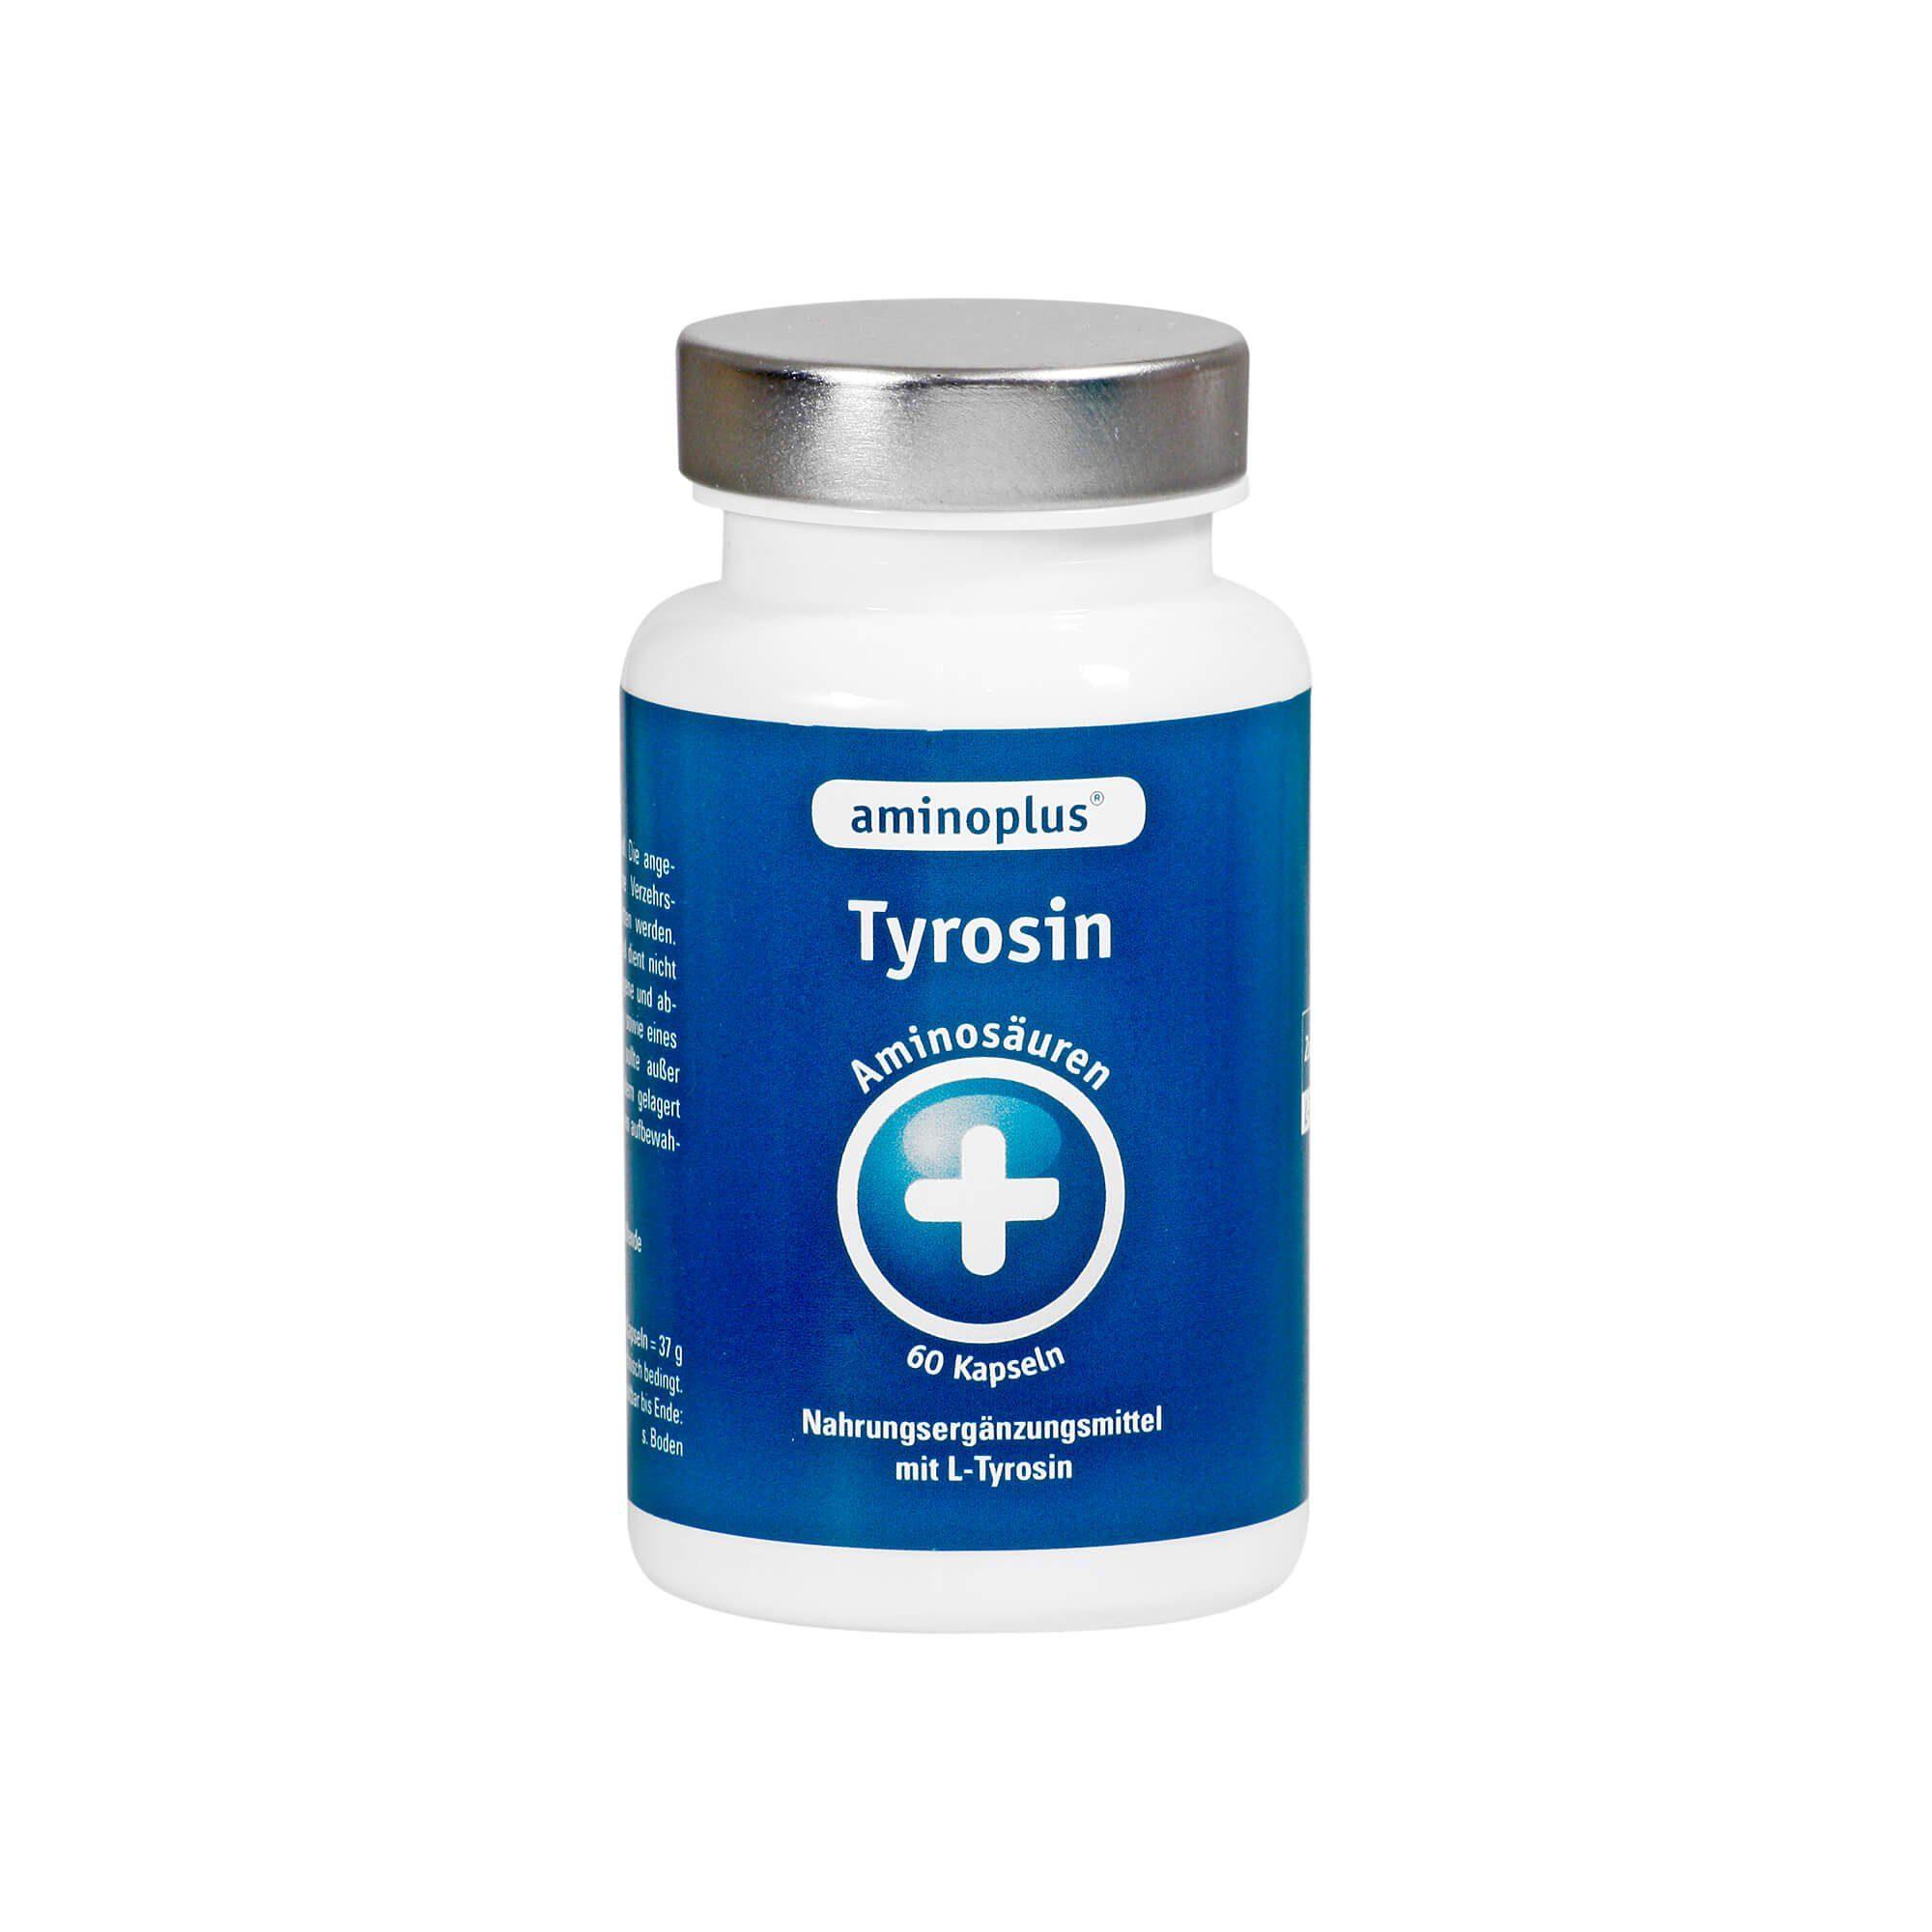 Aminoplus Tyrosin Kapseln , 60 St